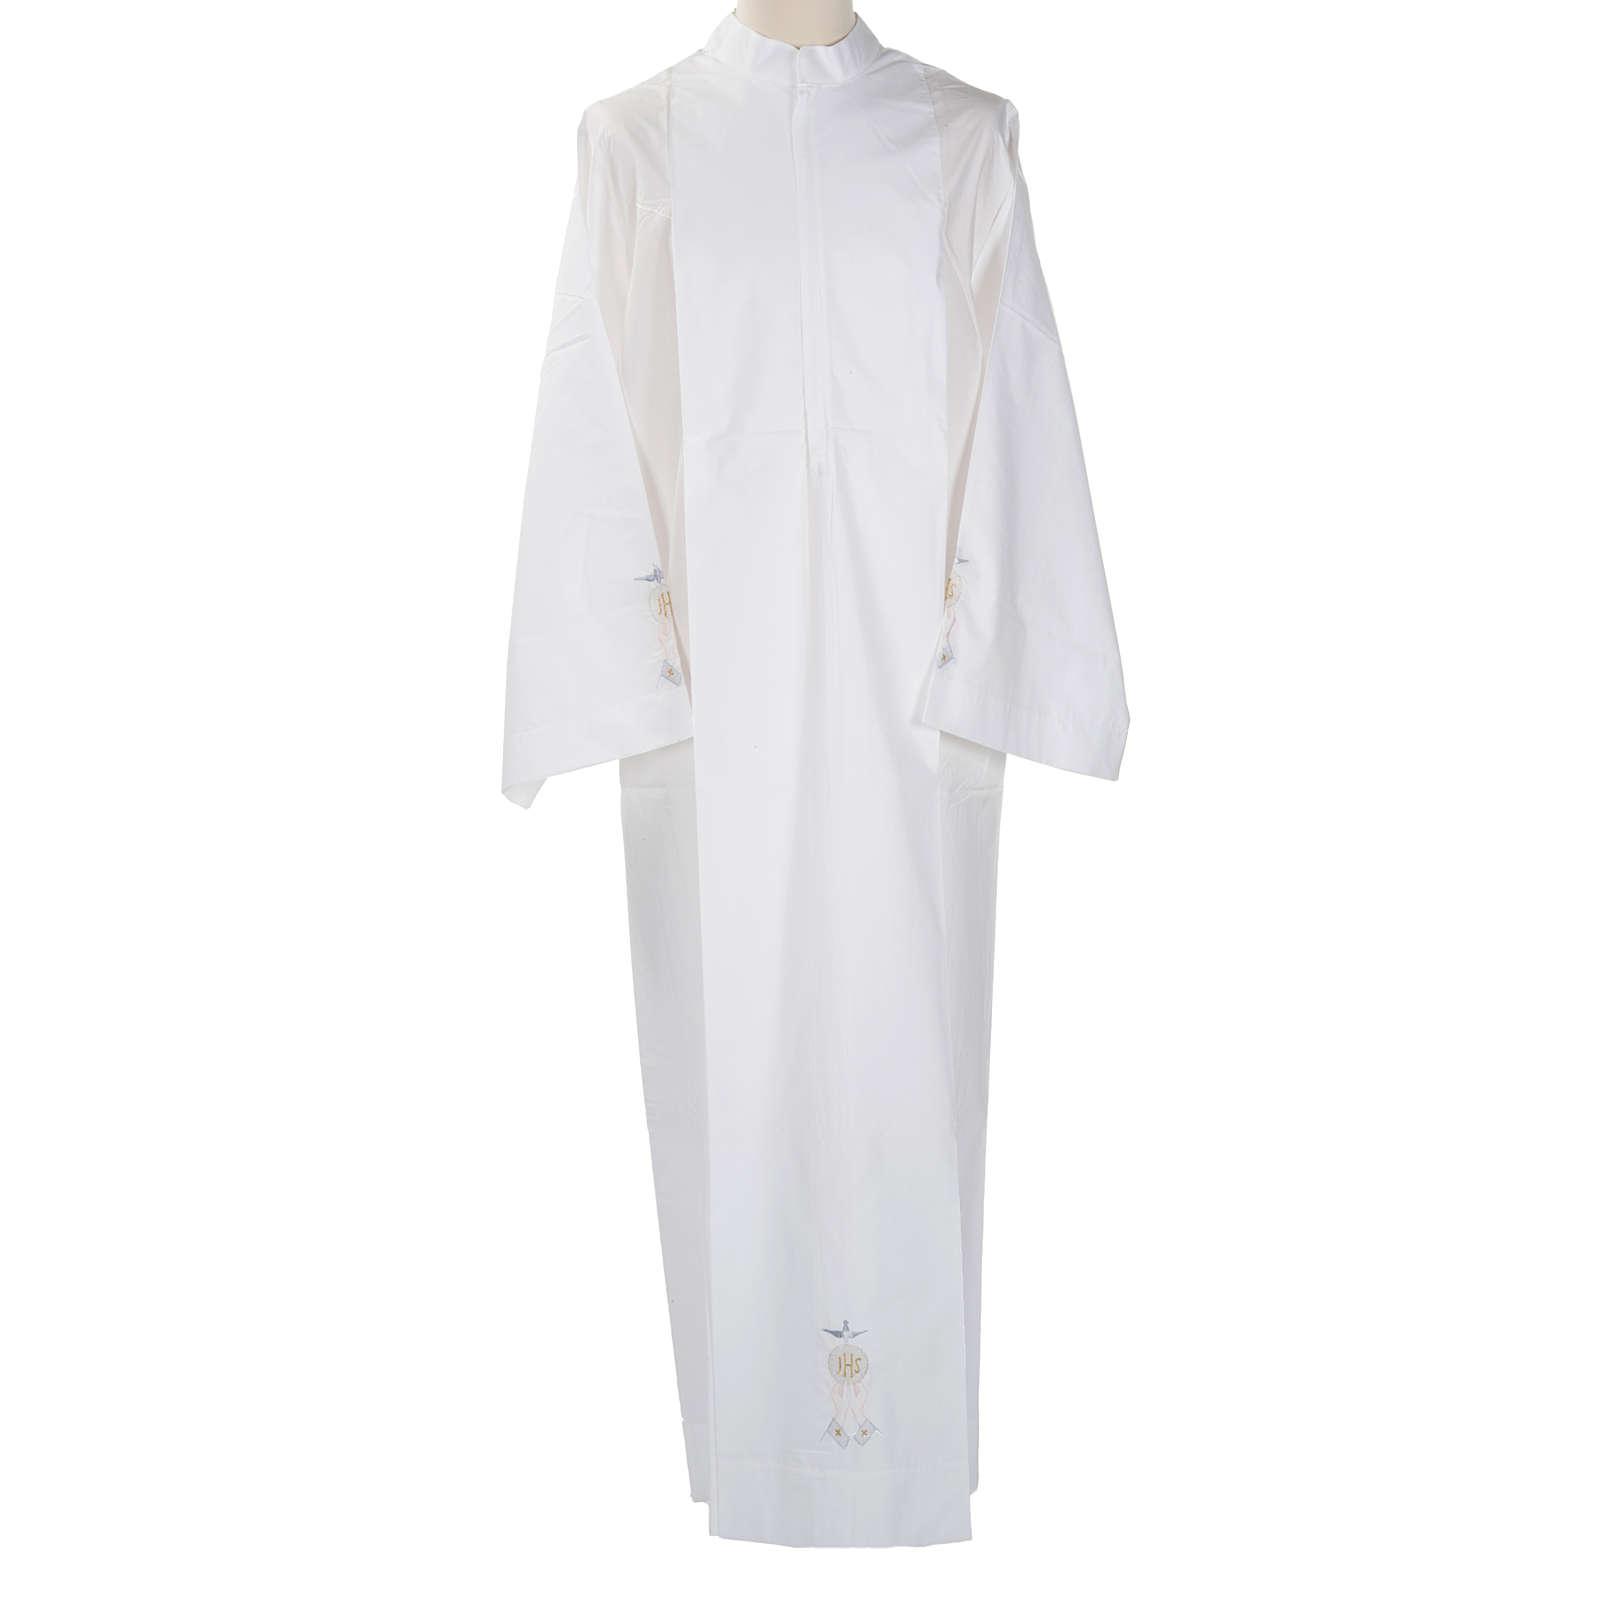 Camice bianco cotone ostia IHS Spirito Santo 4